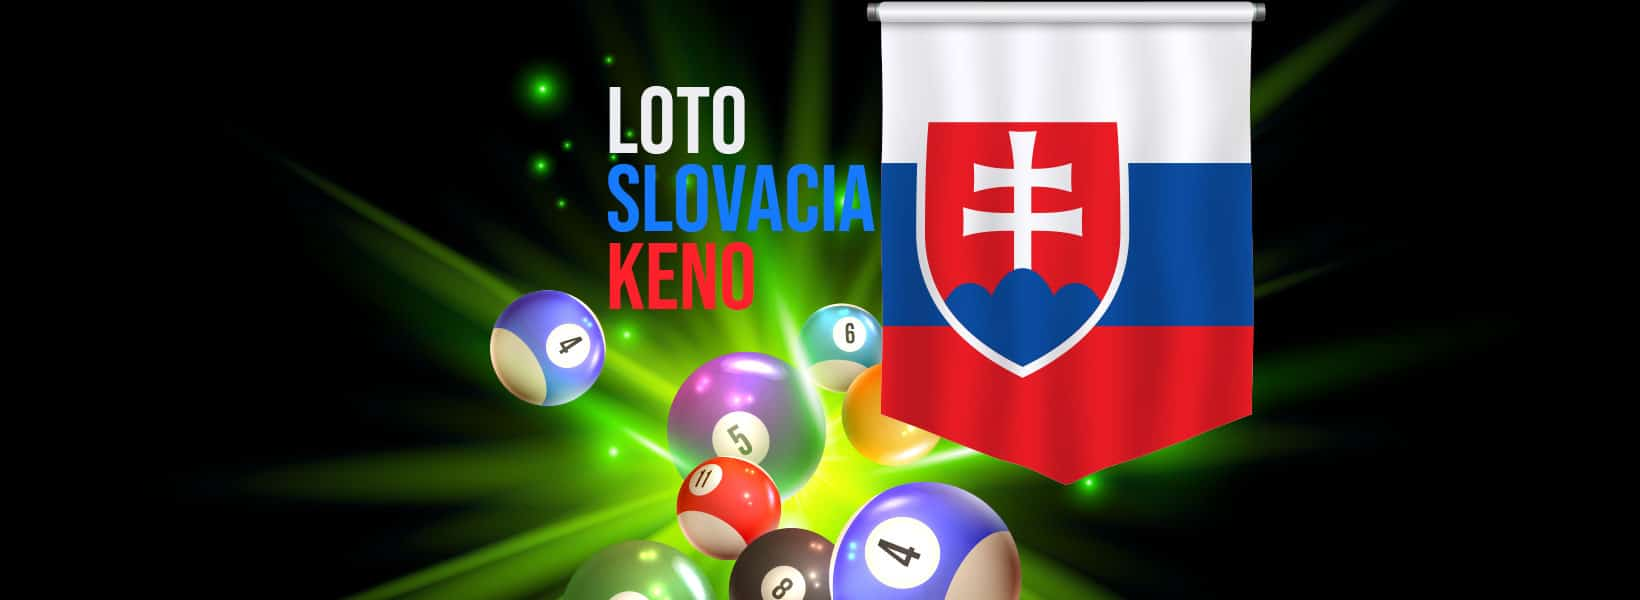 slovacia keno